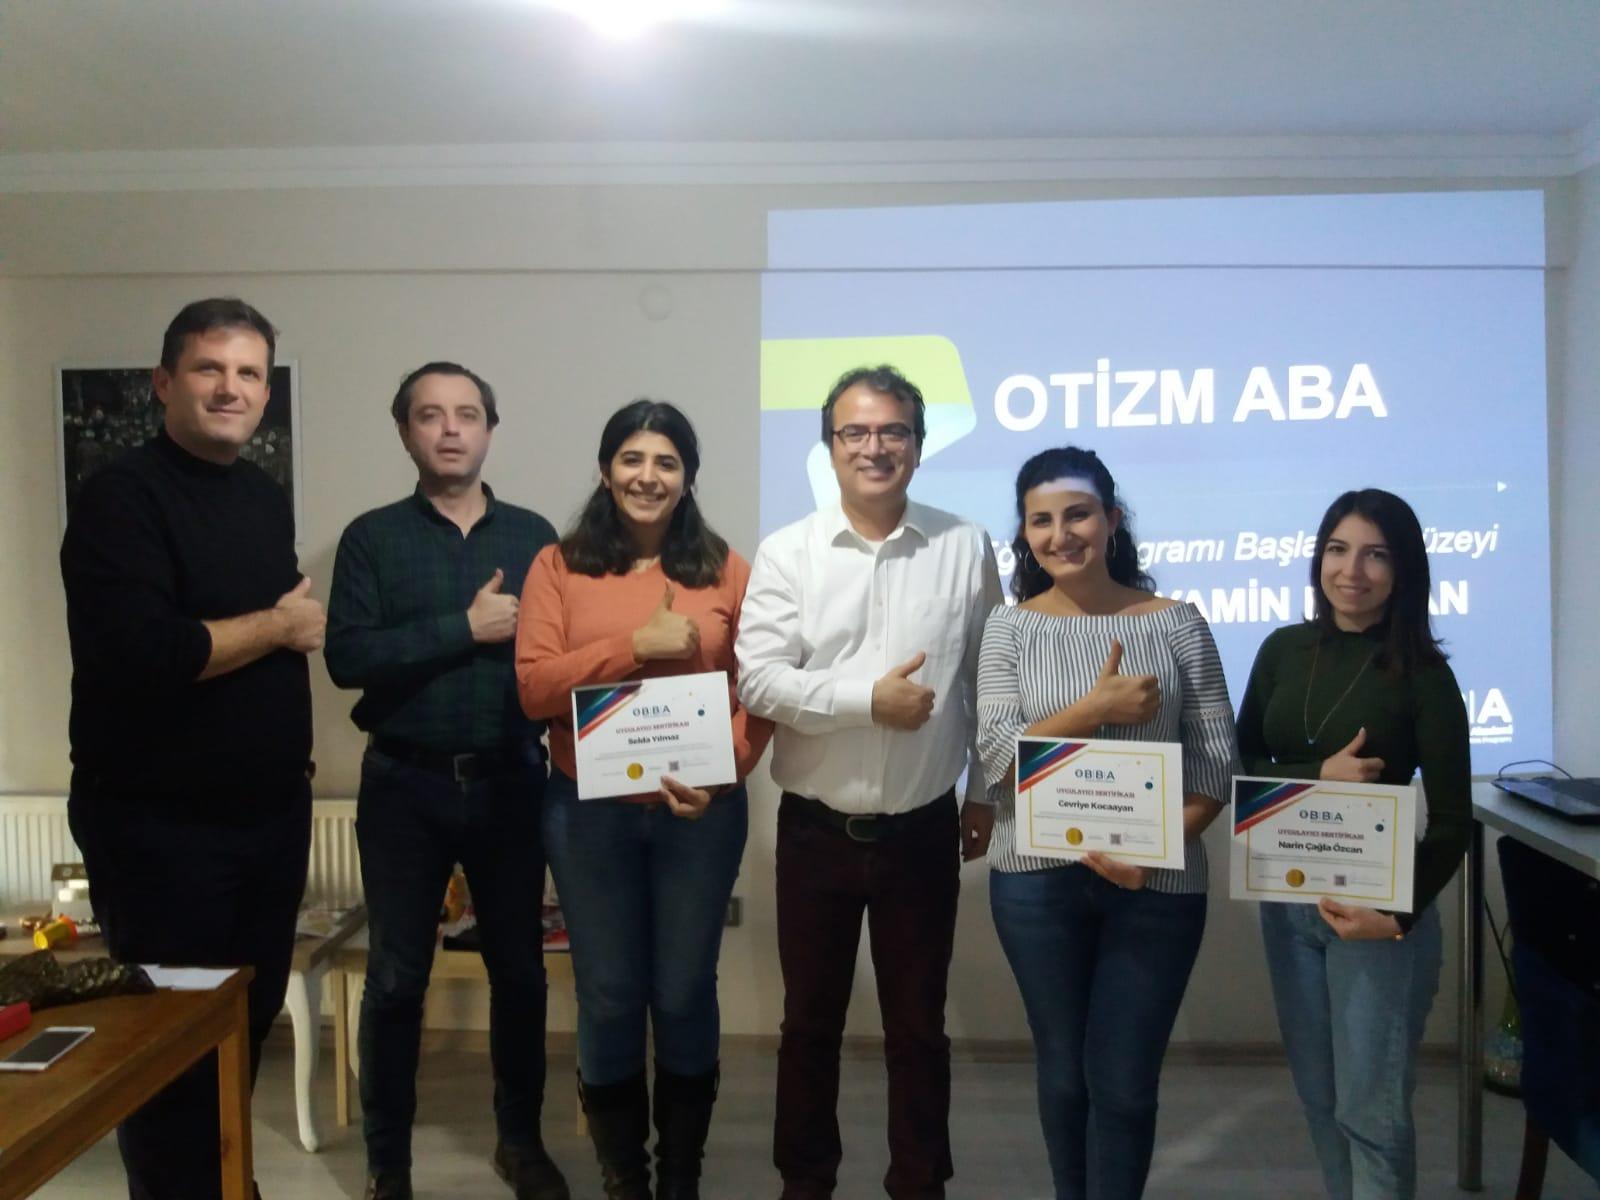 Otizm ABA Terapi Aaasancak İzmir